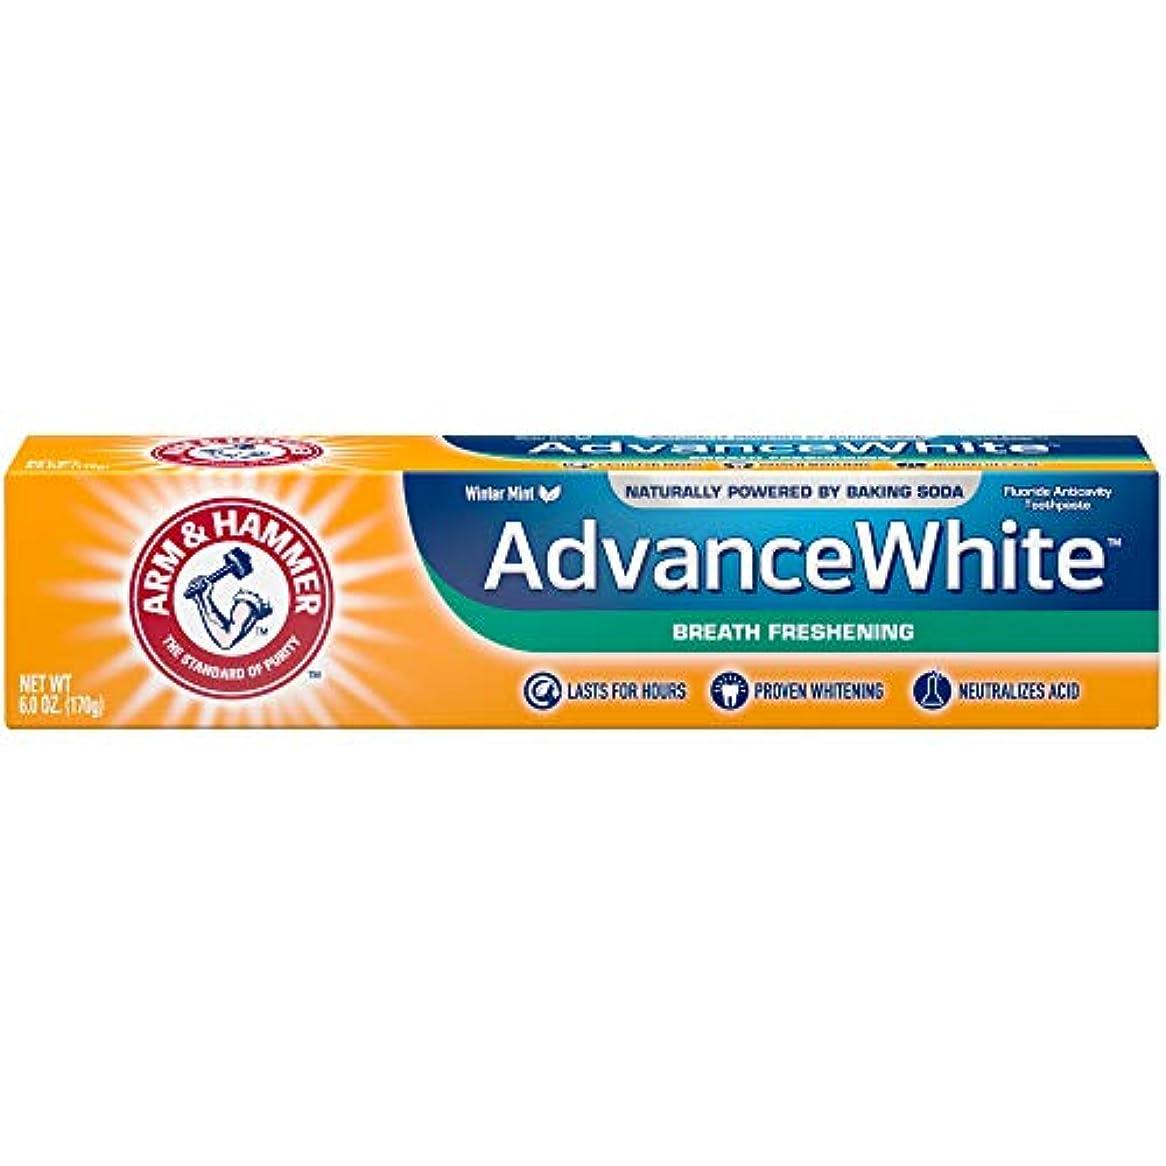 敬なカポックとげアーム&ハマー アドバンス ホワイト 歯磨き粉 ブレス フレッシュニング 170g Advance White Breath Freshing Baking Soda & Frosted Mint